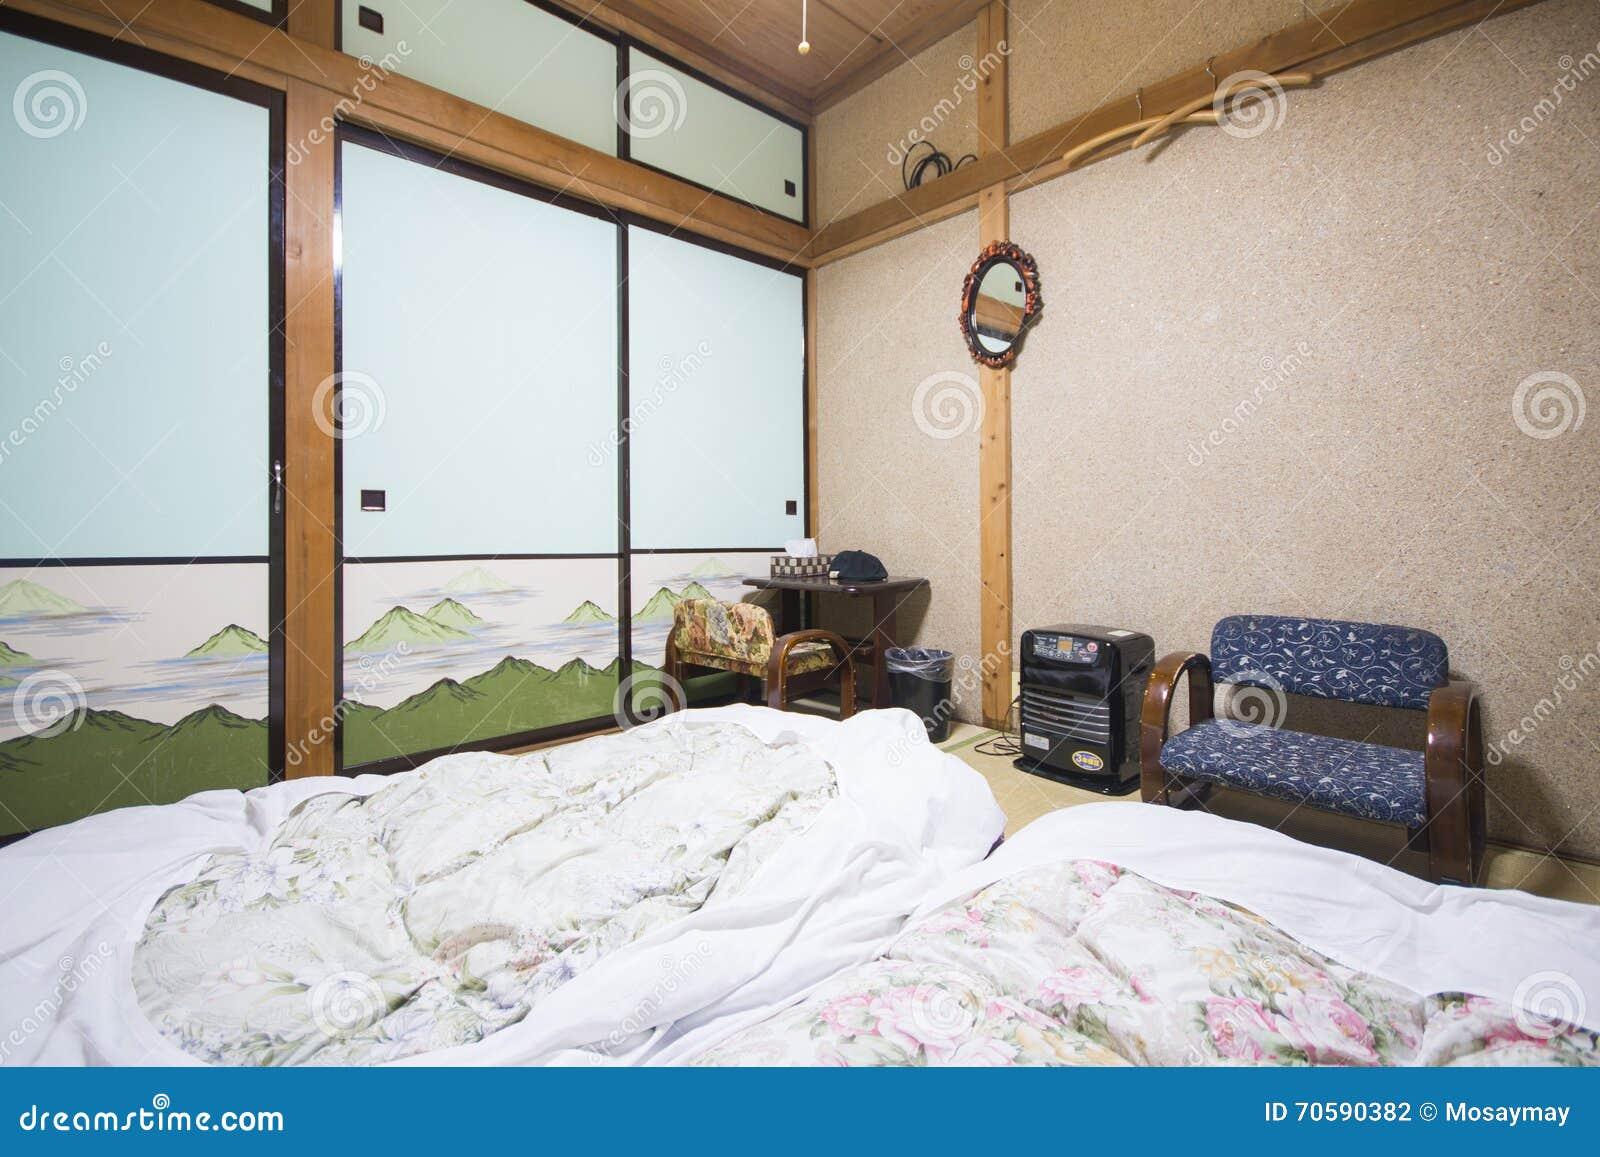 Camere stile giapponese camere da letto giapponesi camera - Casa stile giapponese ...